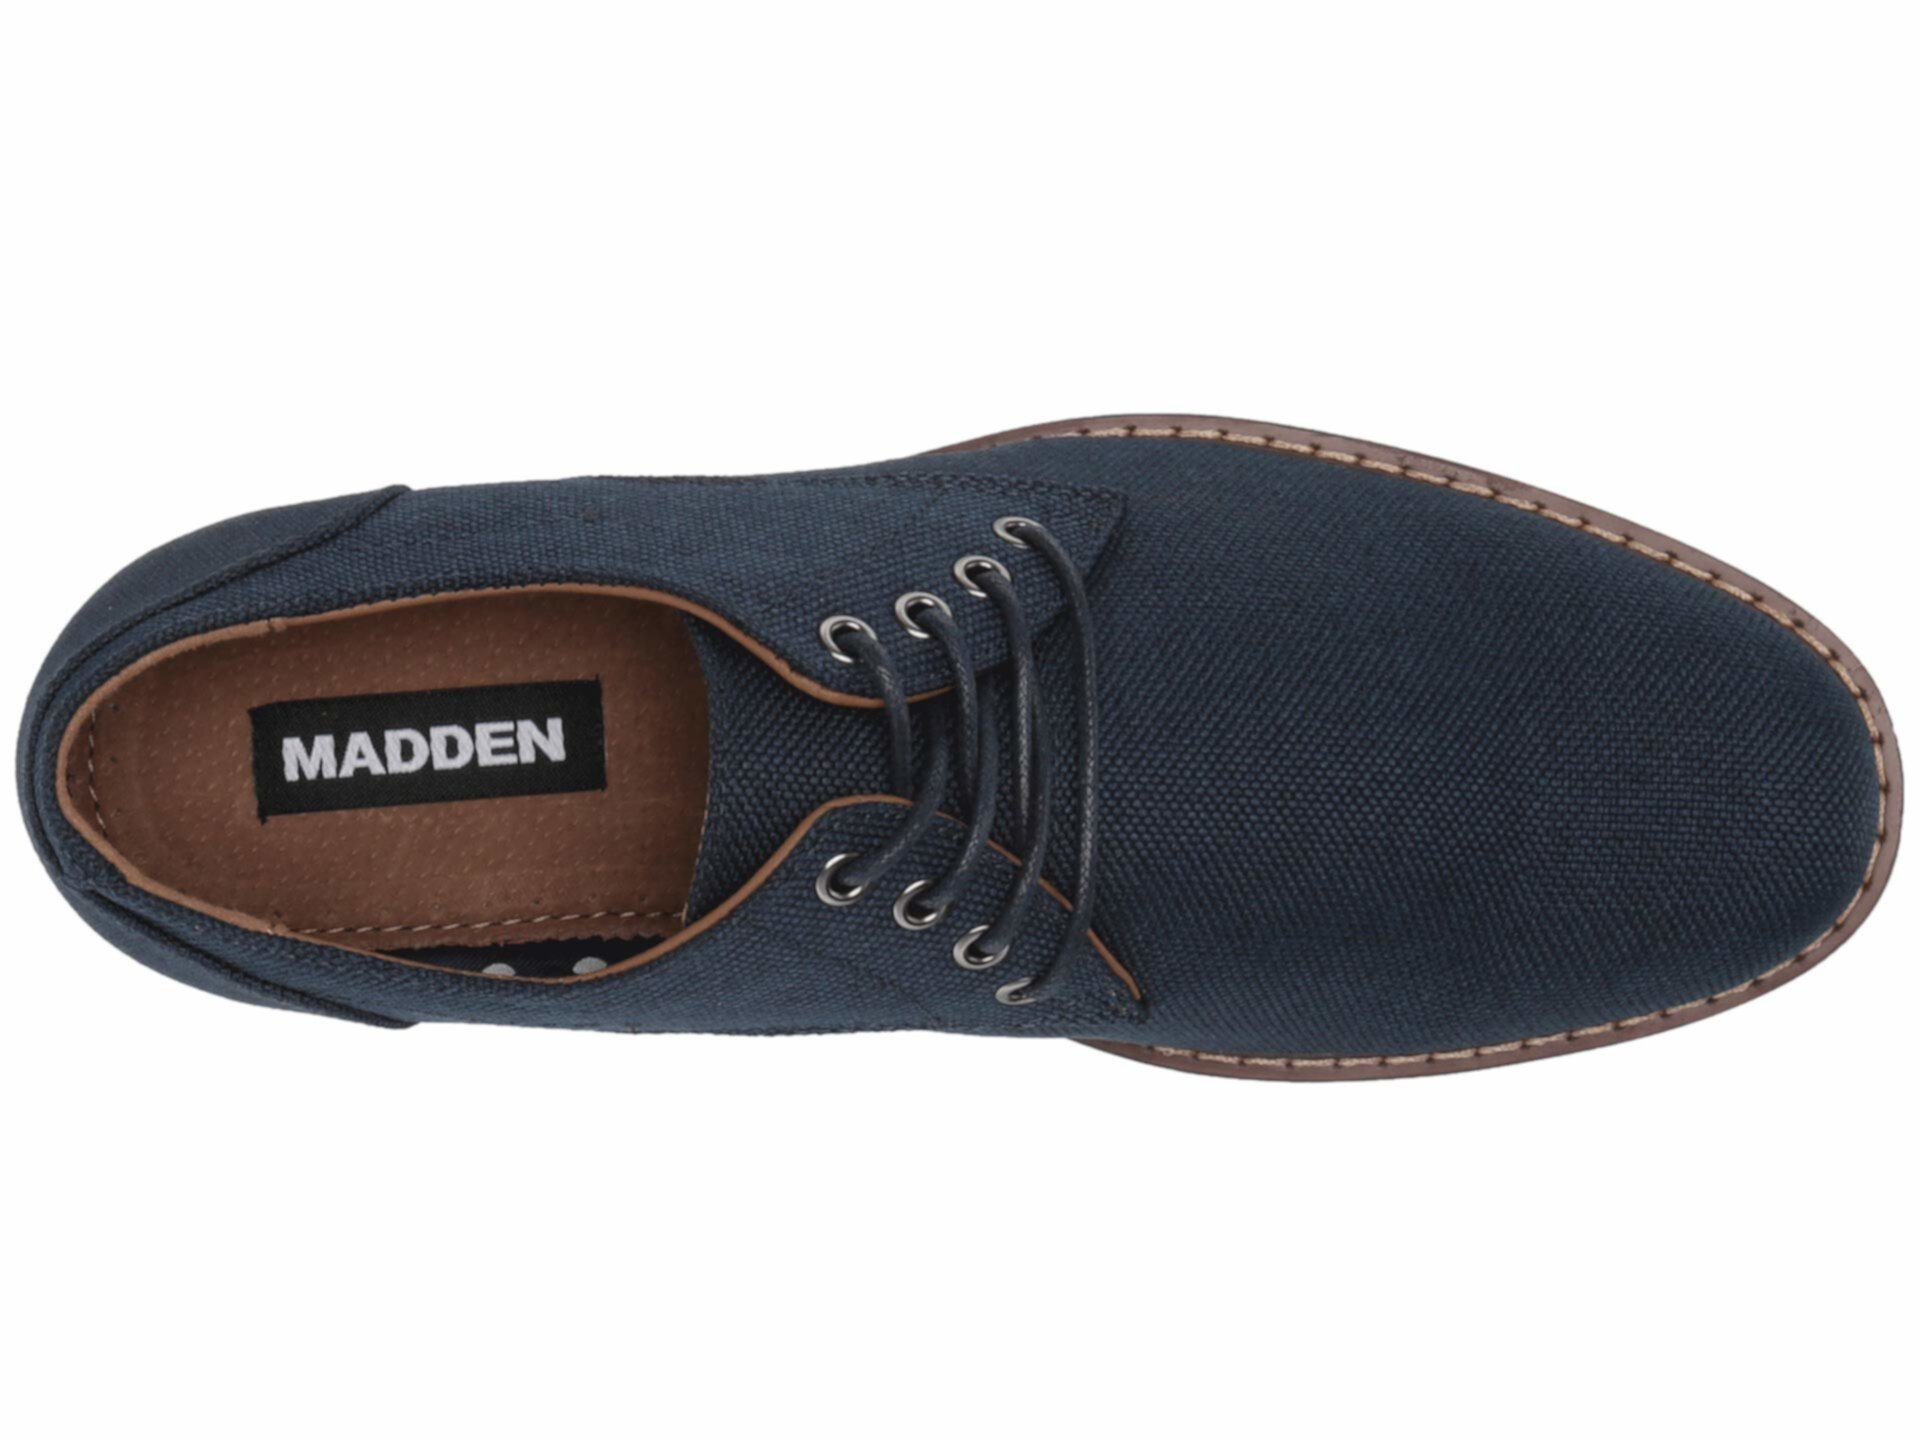 Koppir Madden by Steve Madden